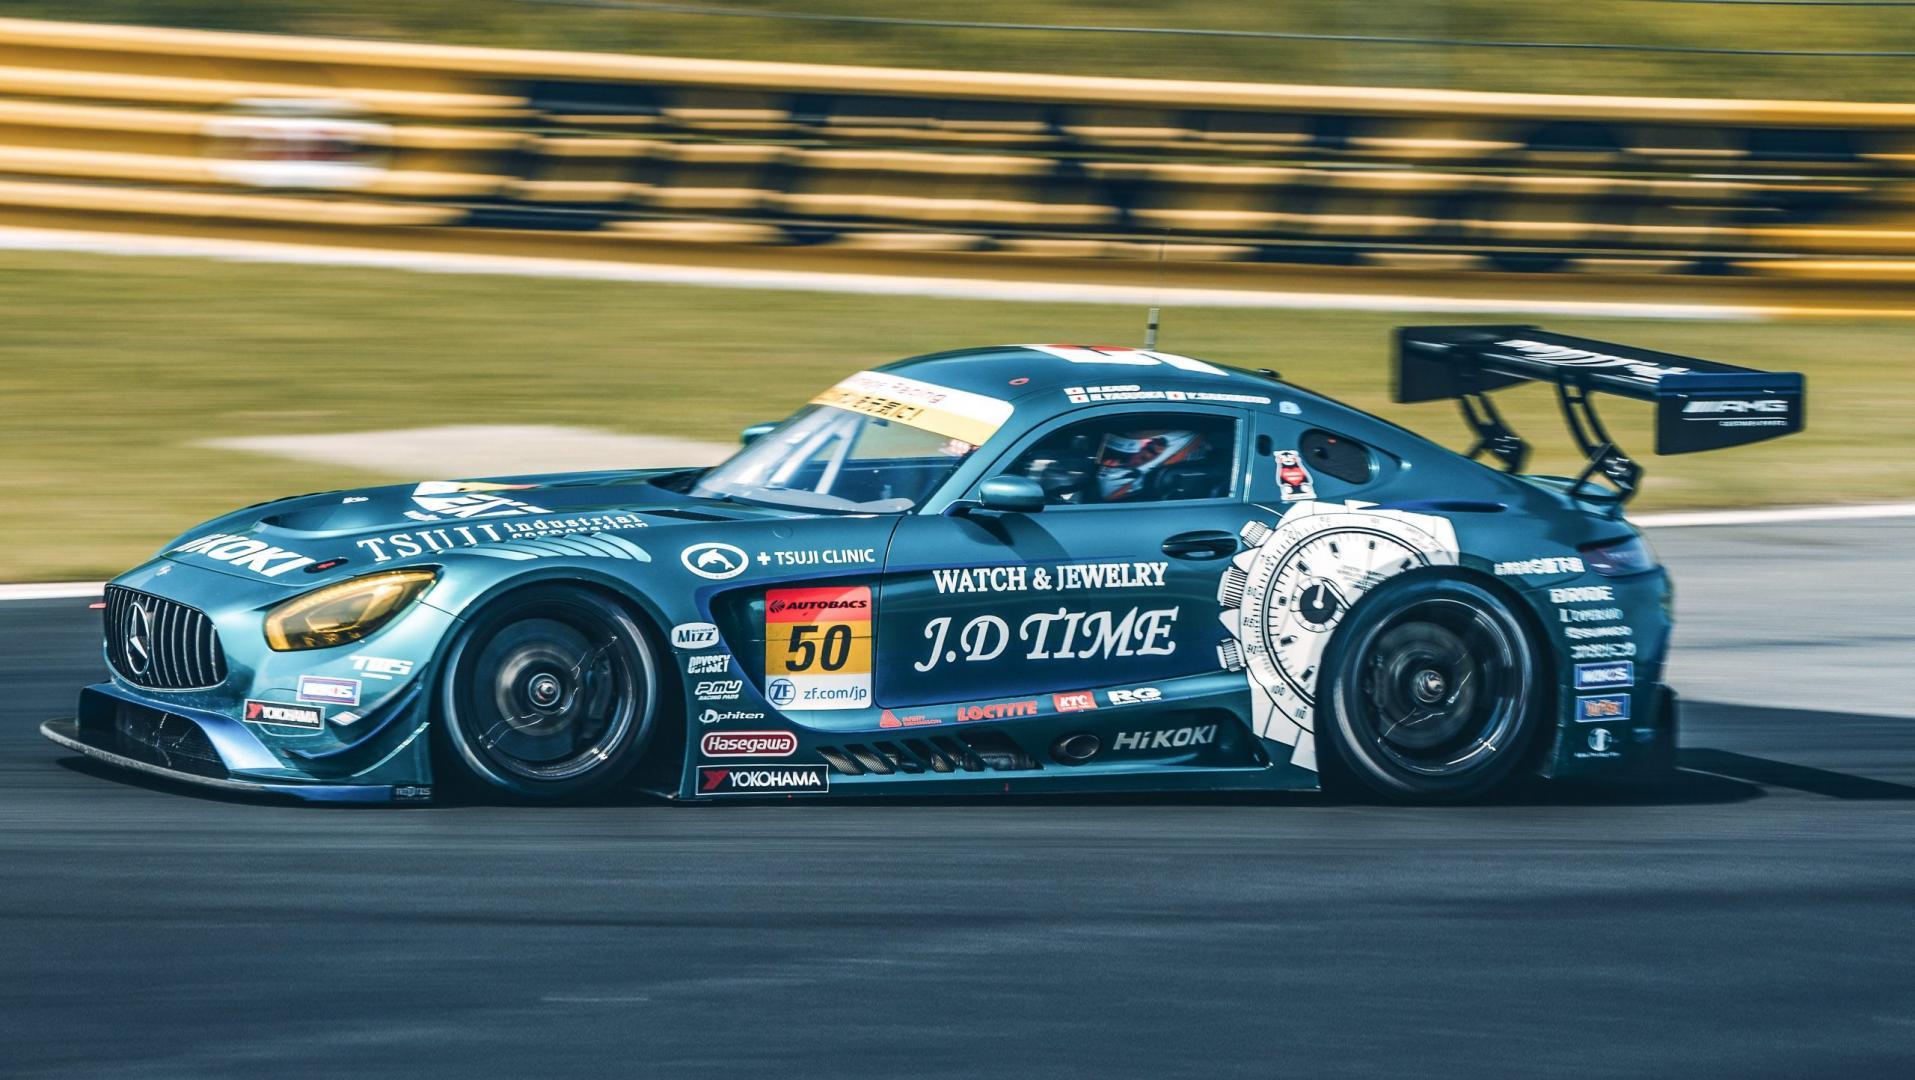 Mercedes-AMG Super GT